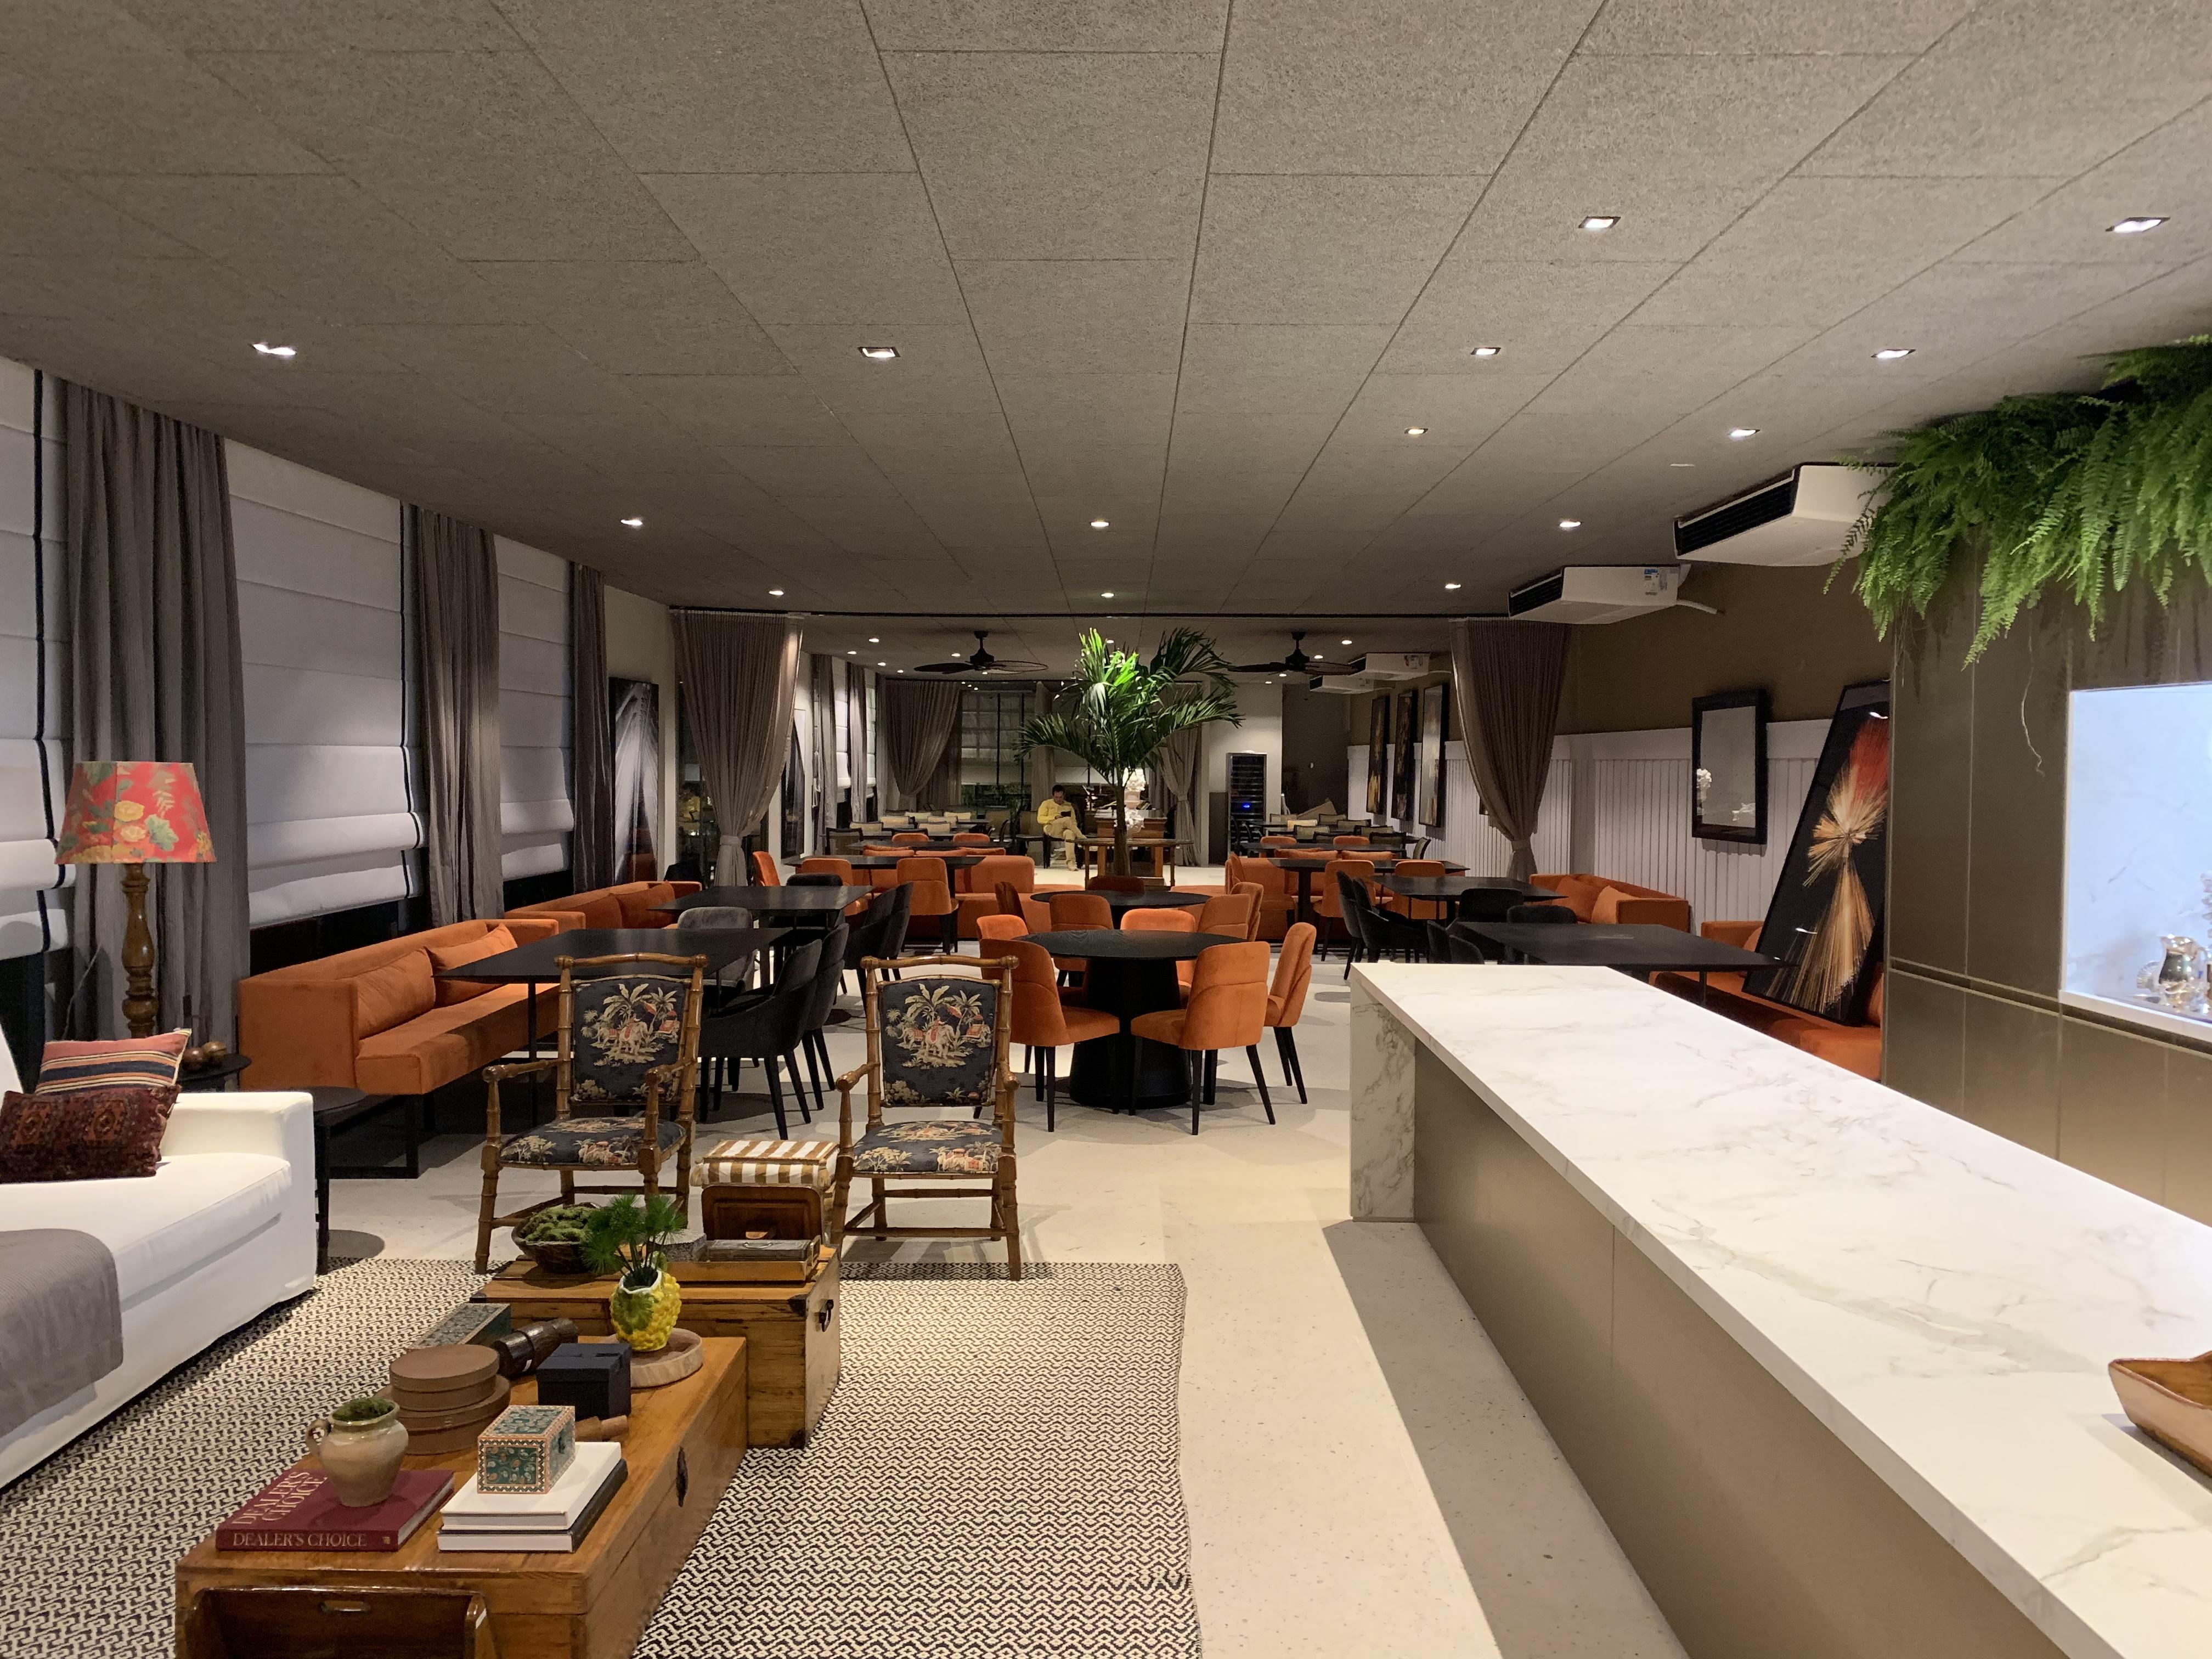 Lounge sofisticado ao fundo com cadeiras e sofás em sarja e duas salas privativas. E bar com ilha e móveis garimpados.